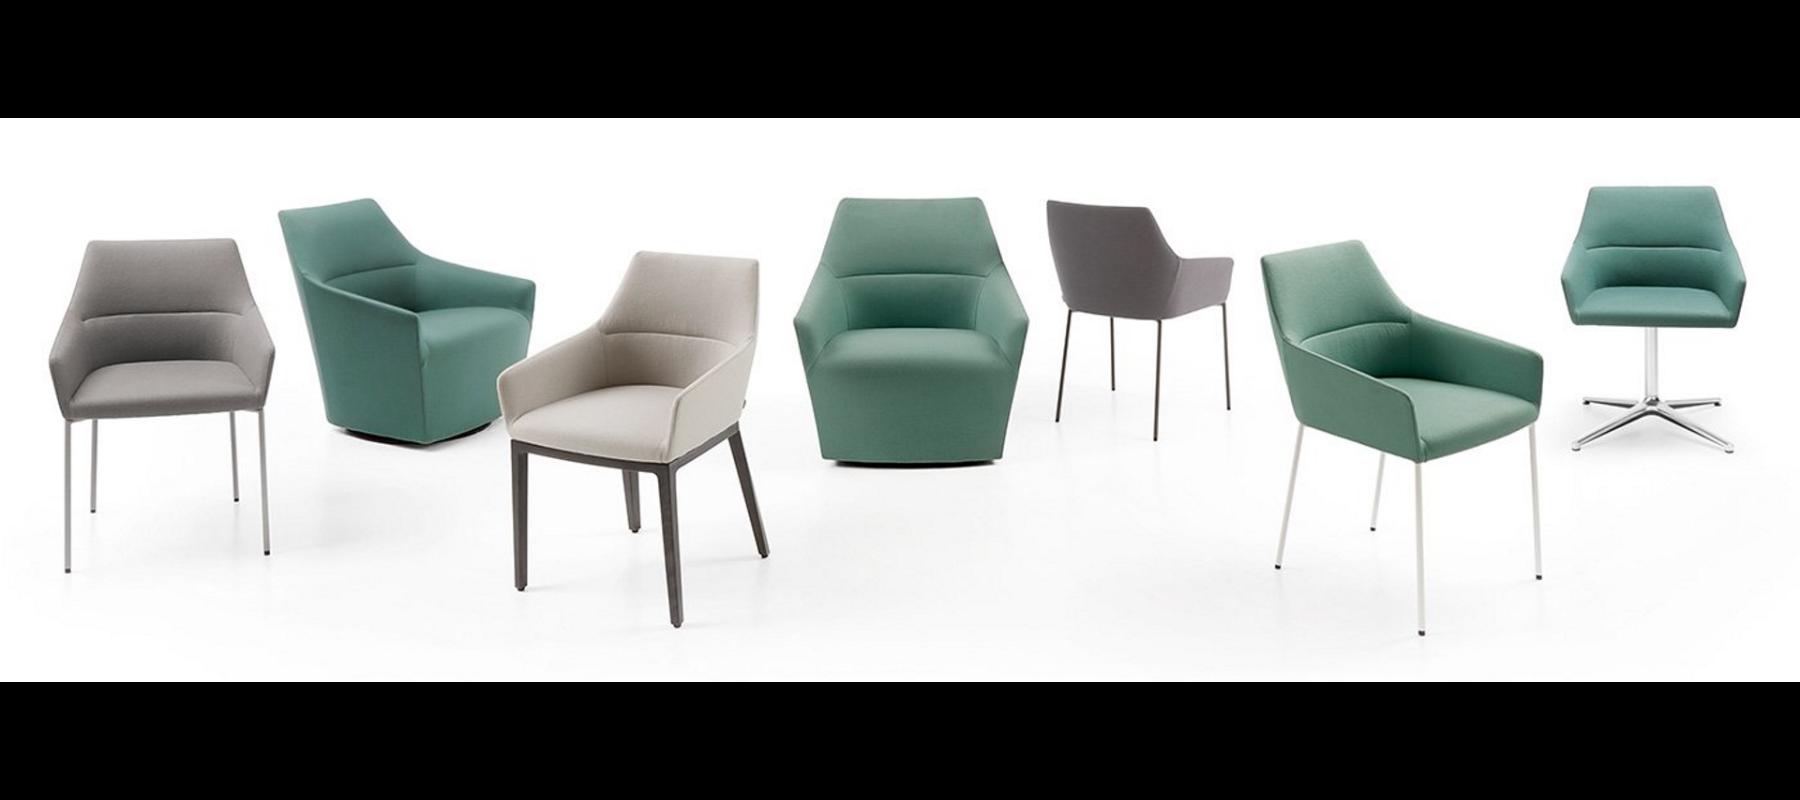 krzesła stacjonarne chic aranżacje - 12